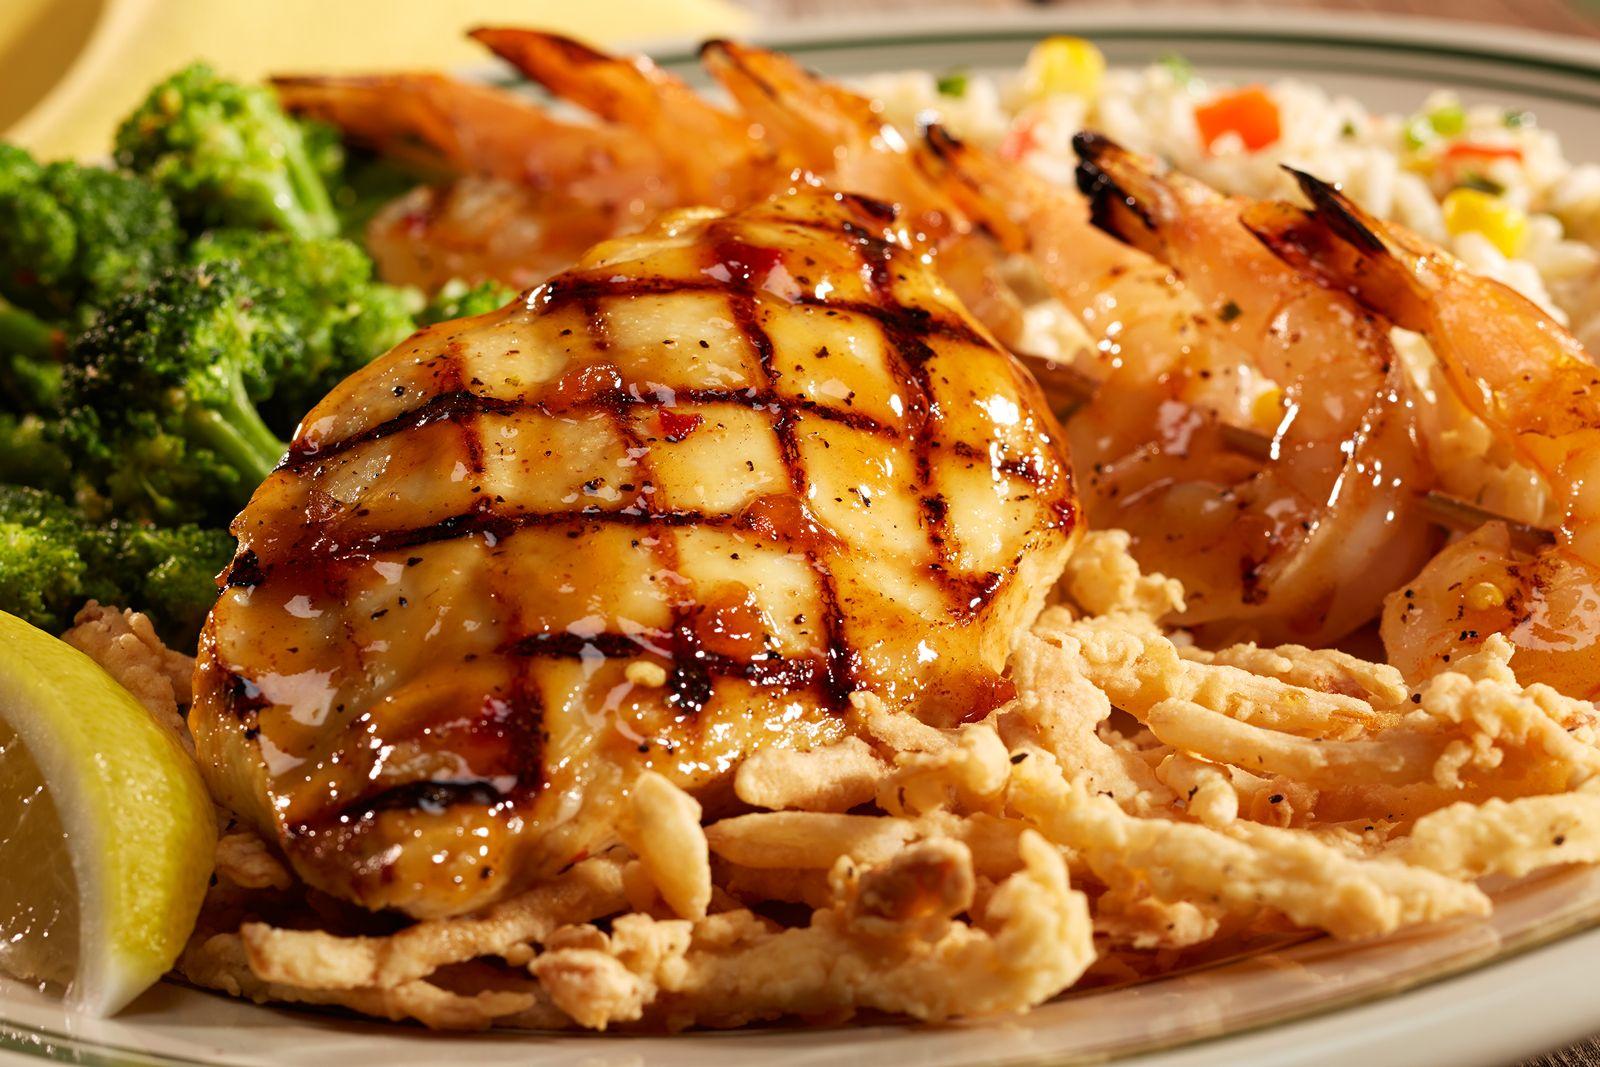 Bennigan's Paddy's Grilled Chicken & Shrimp